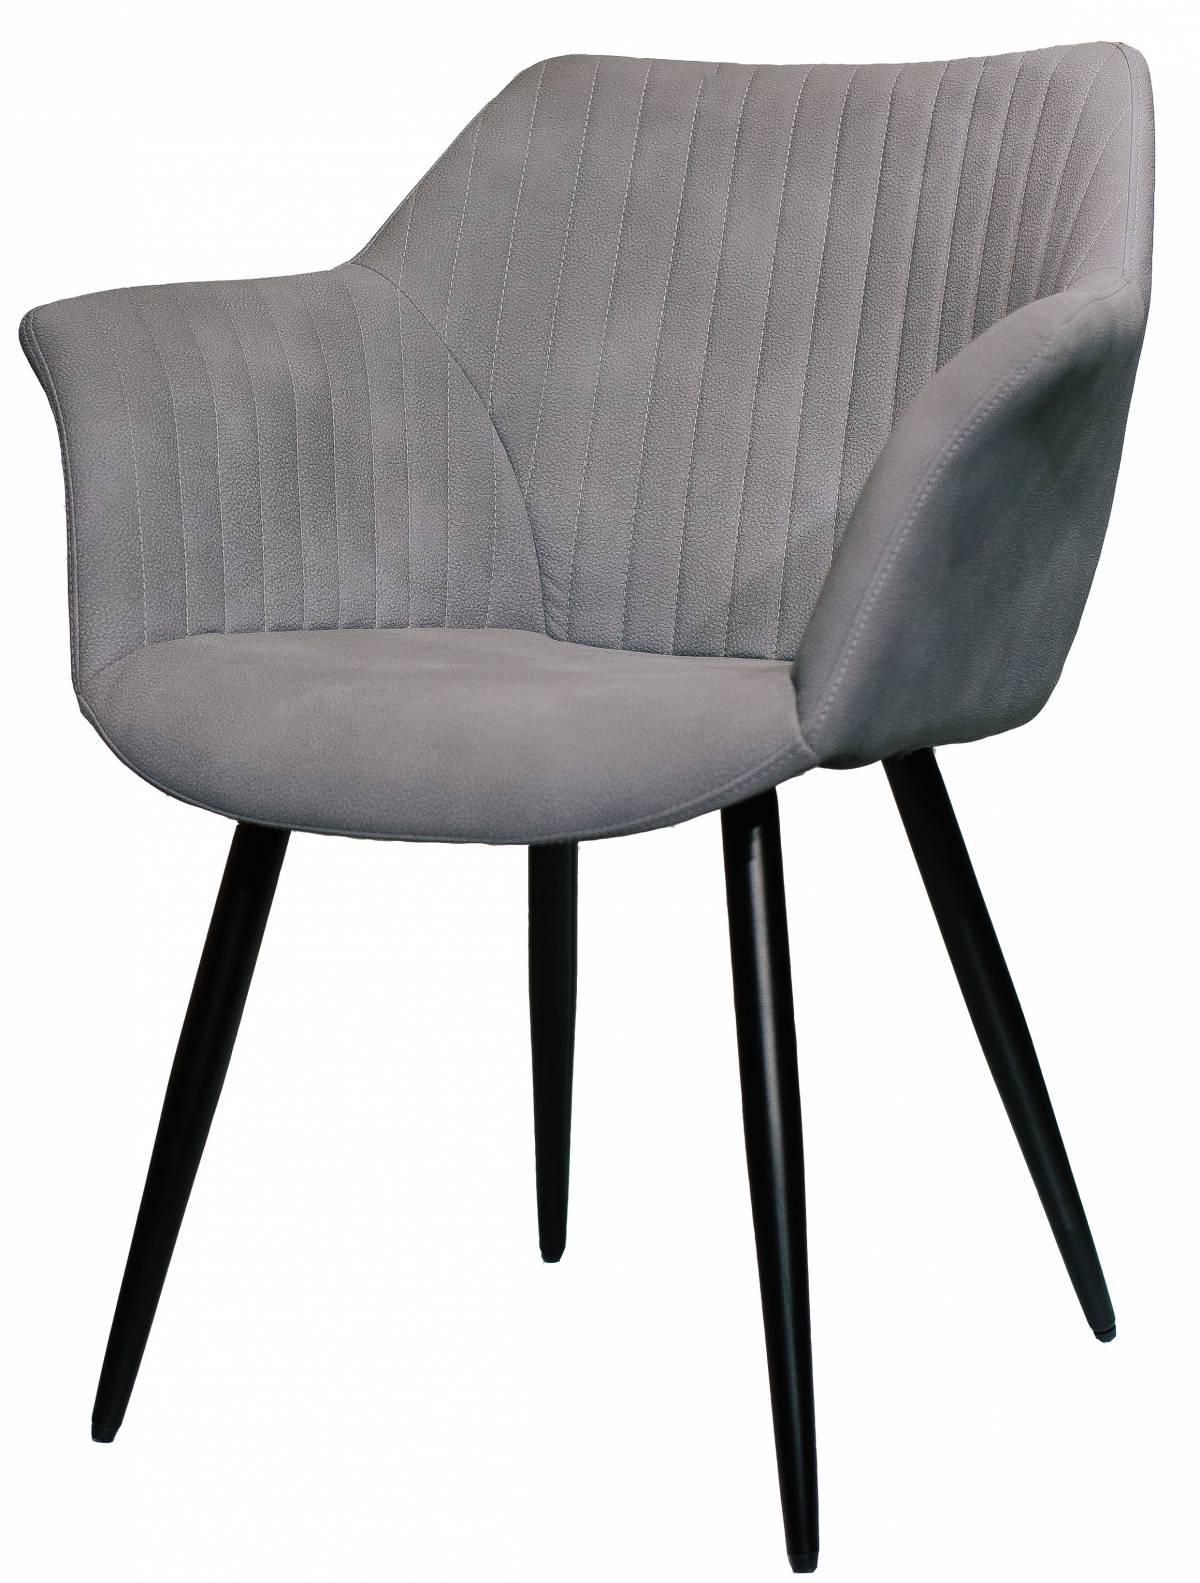 Купить деревянный стул Blues с подлокотниками в Raroom